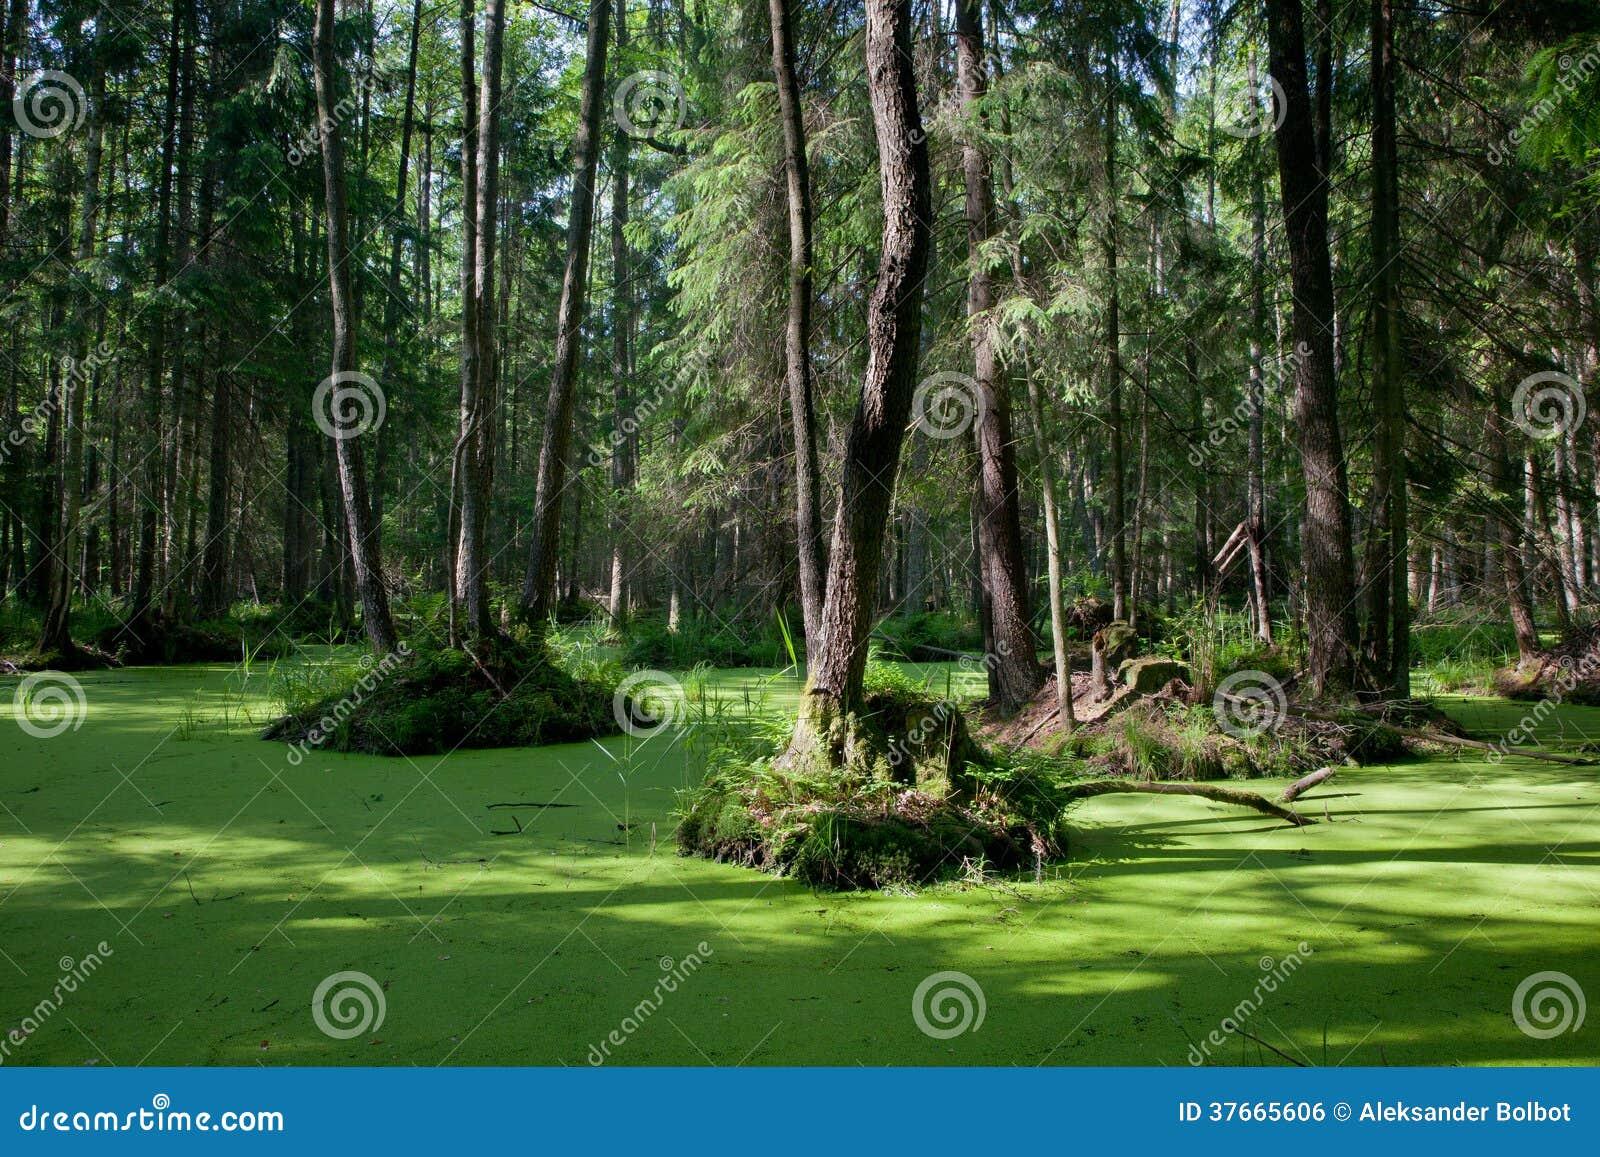 Supporto naturale della foresta di Bialowieza con acqua stagnante e la lemma comune